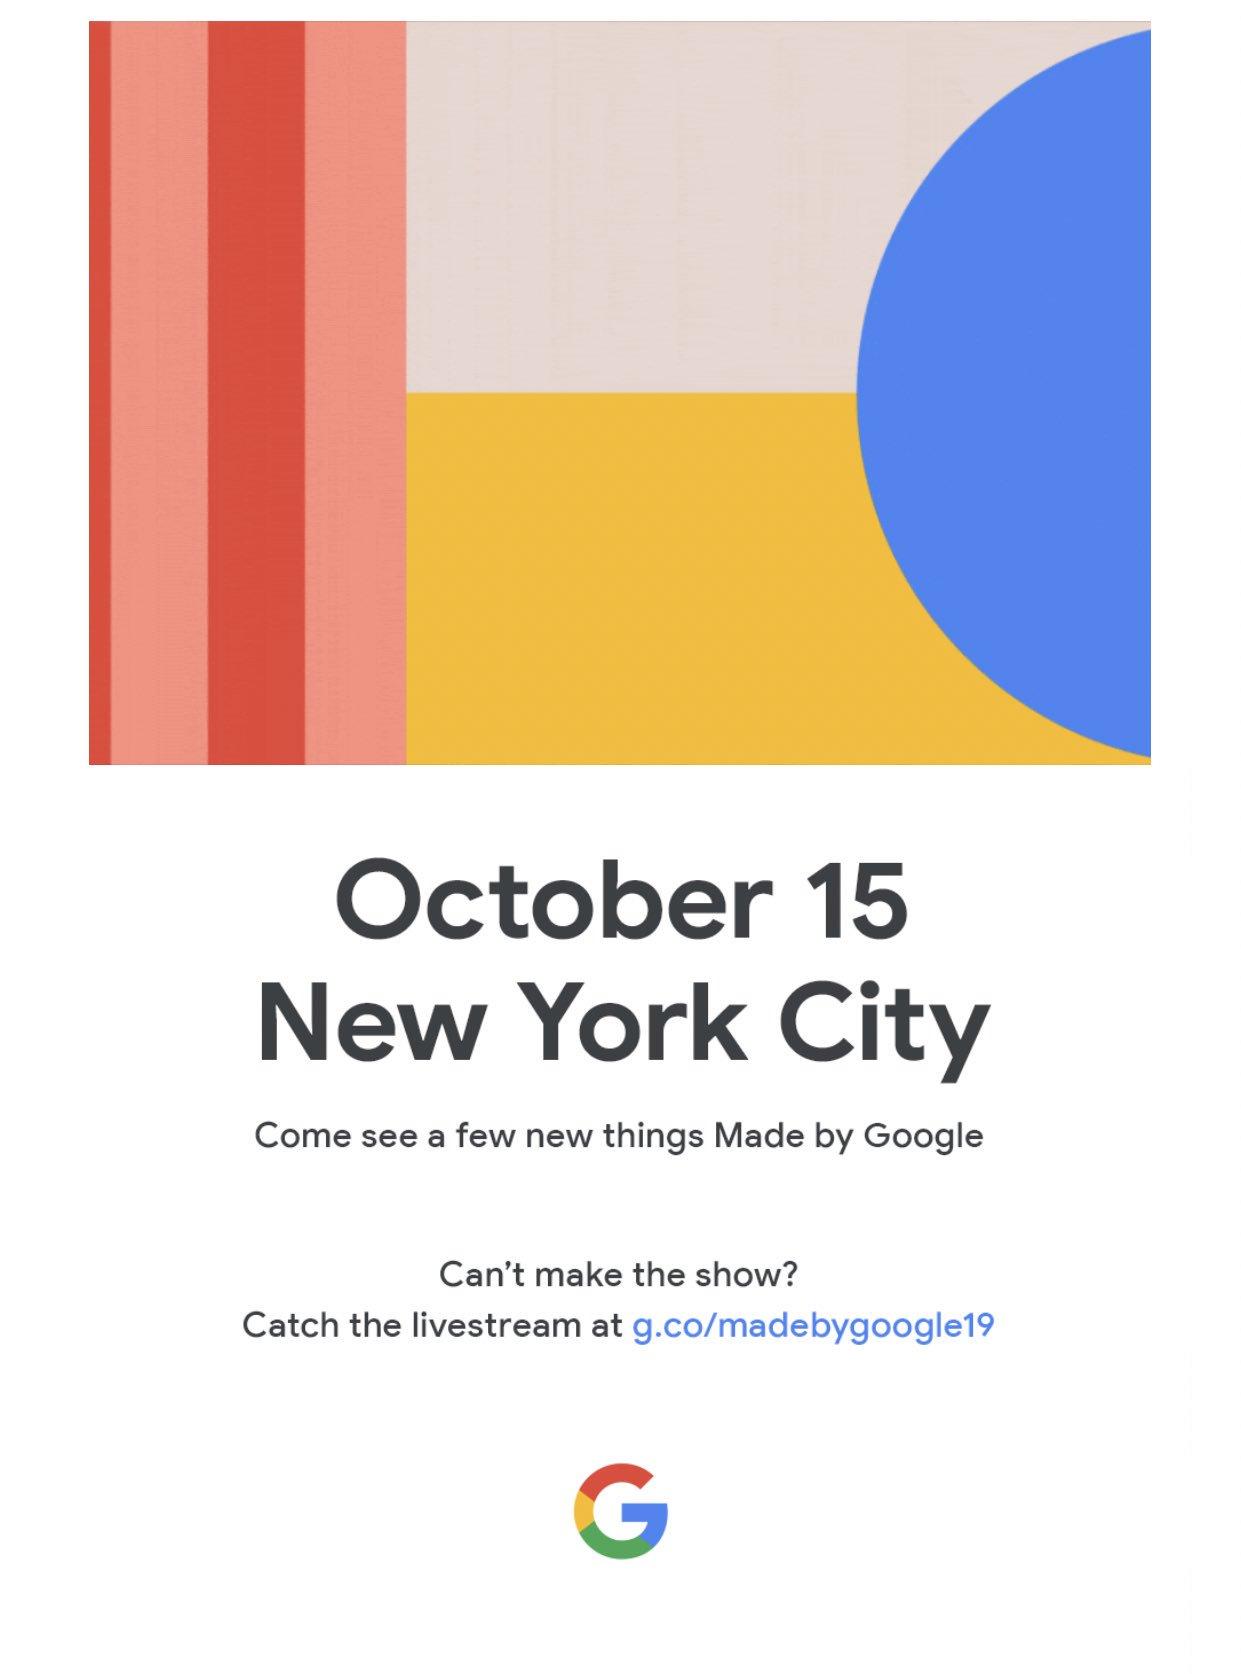 Google Pixel 4 presentado oficialmente el 15 de Octubre.